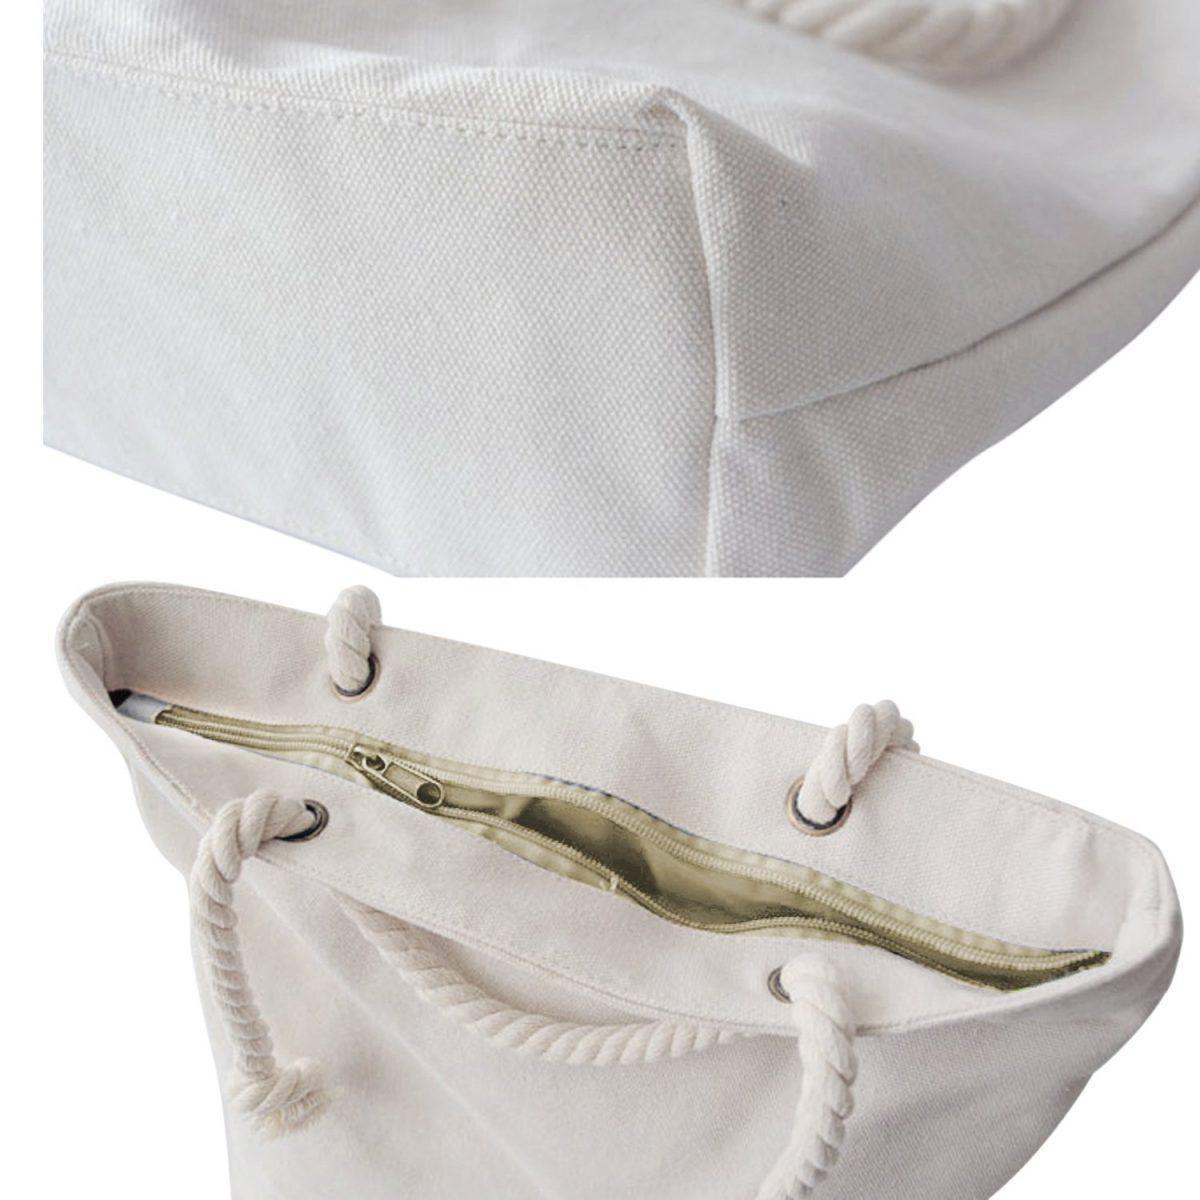 Pembe Zeminli Popart Desenli Fermuarlı Modern Kumaş Çanta Realhomes